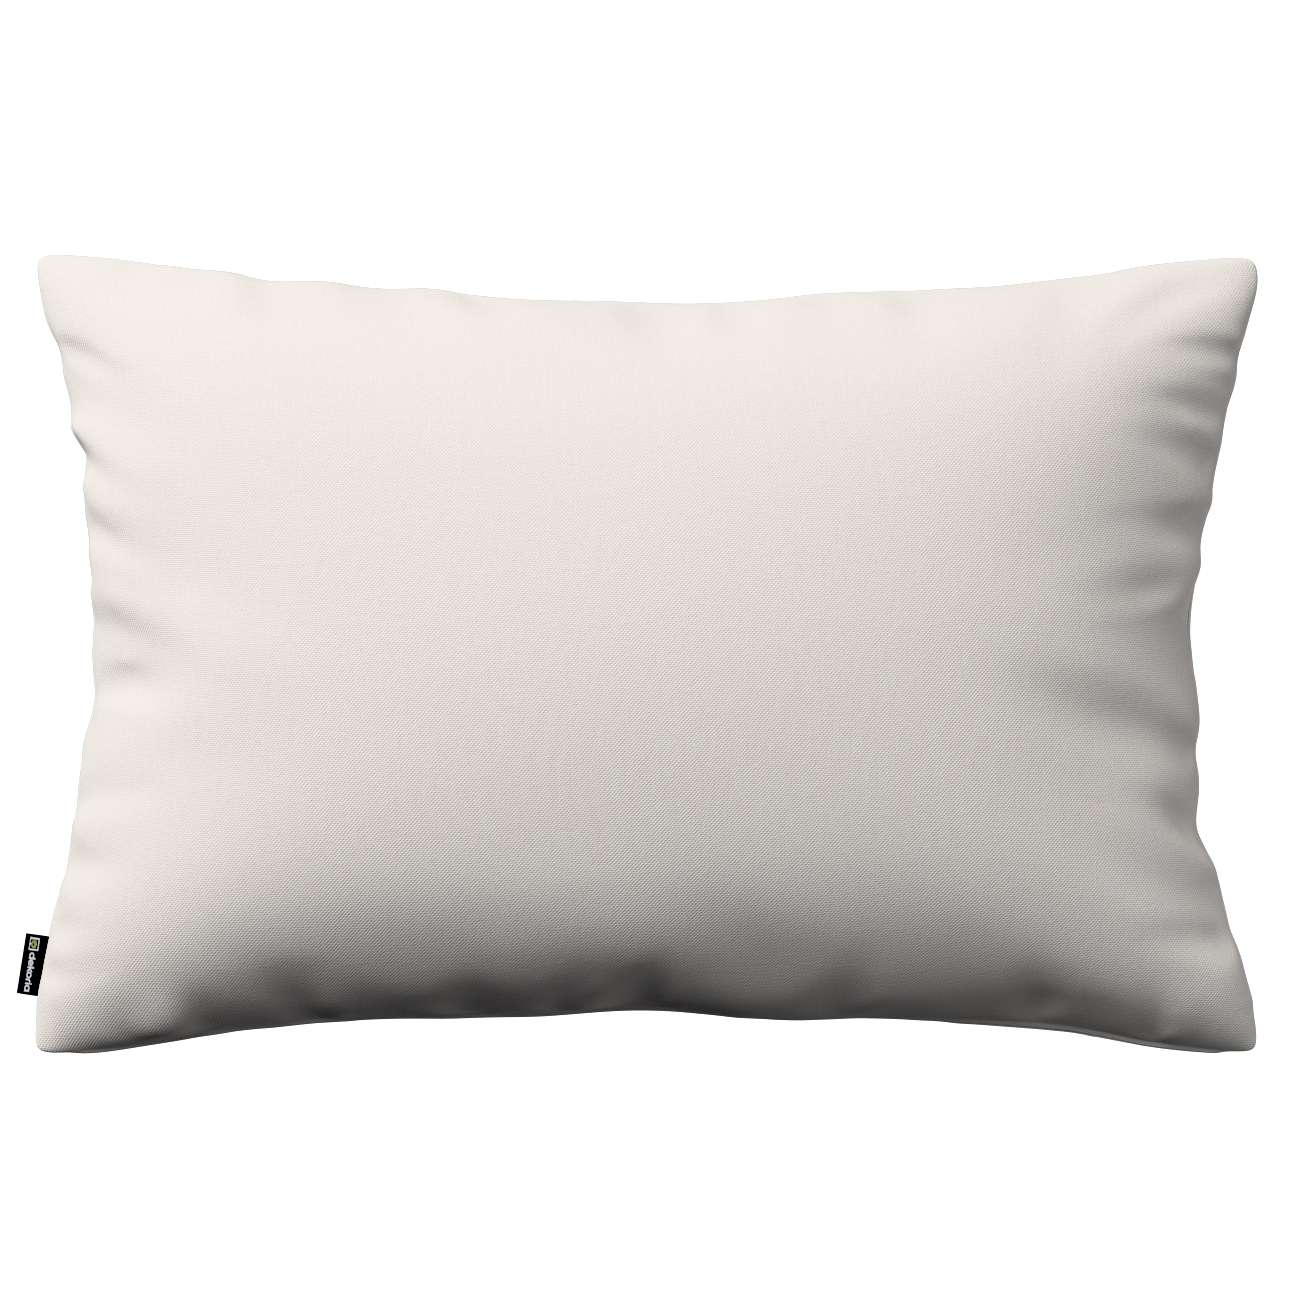 Poszewka Kinga na poduszkę prostokątną 60 x 40 cm w kolekcji Etna , tkanina: 705-01